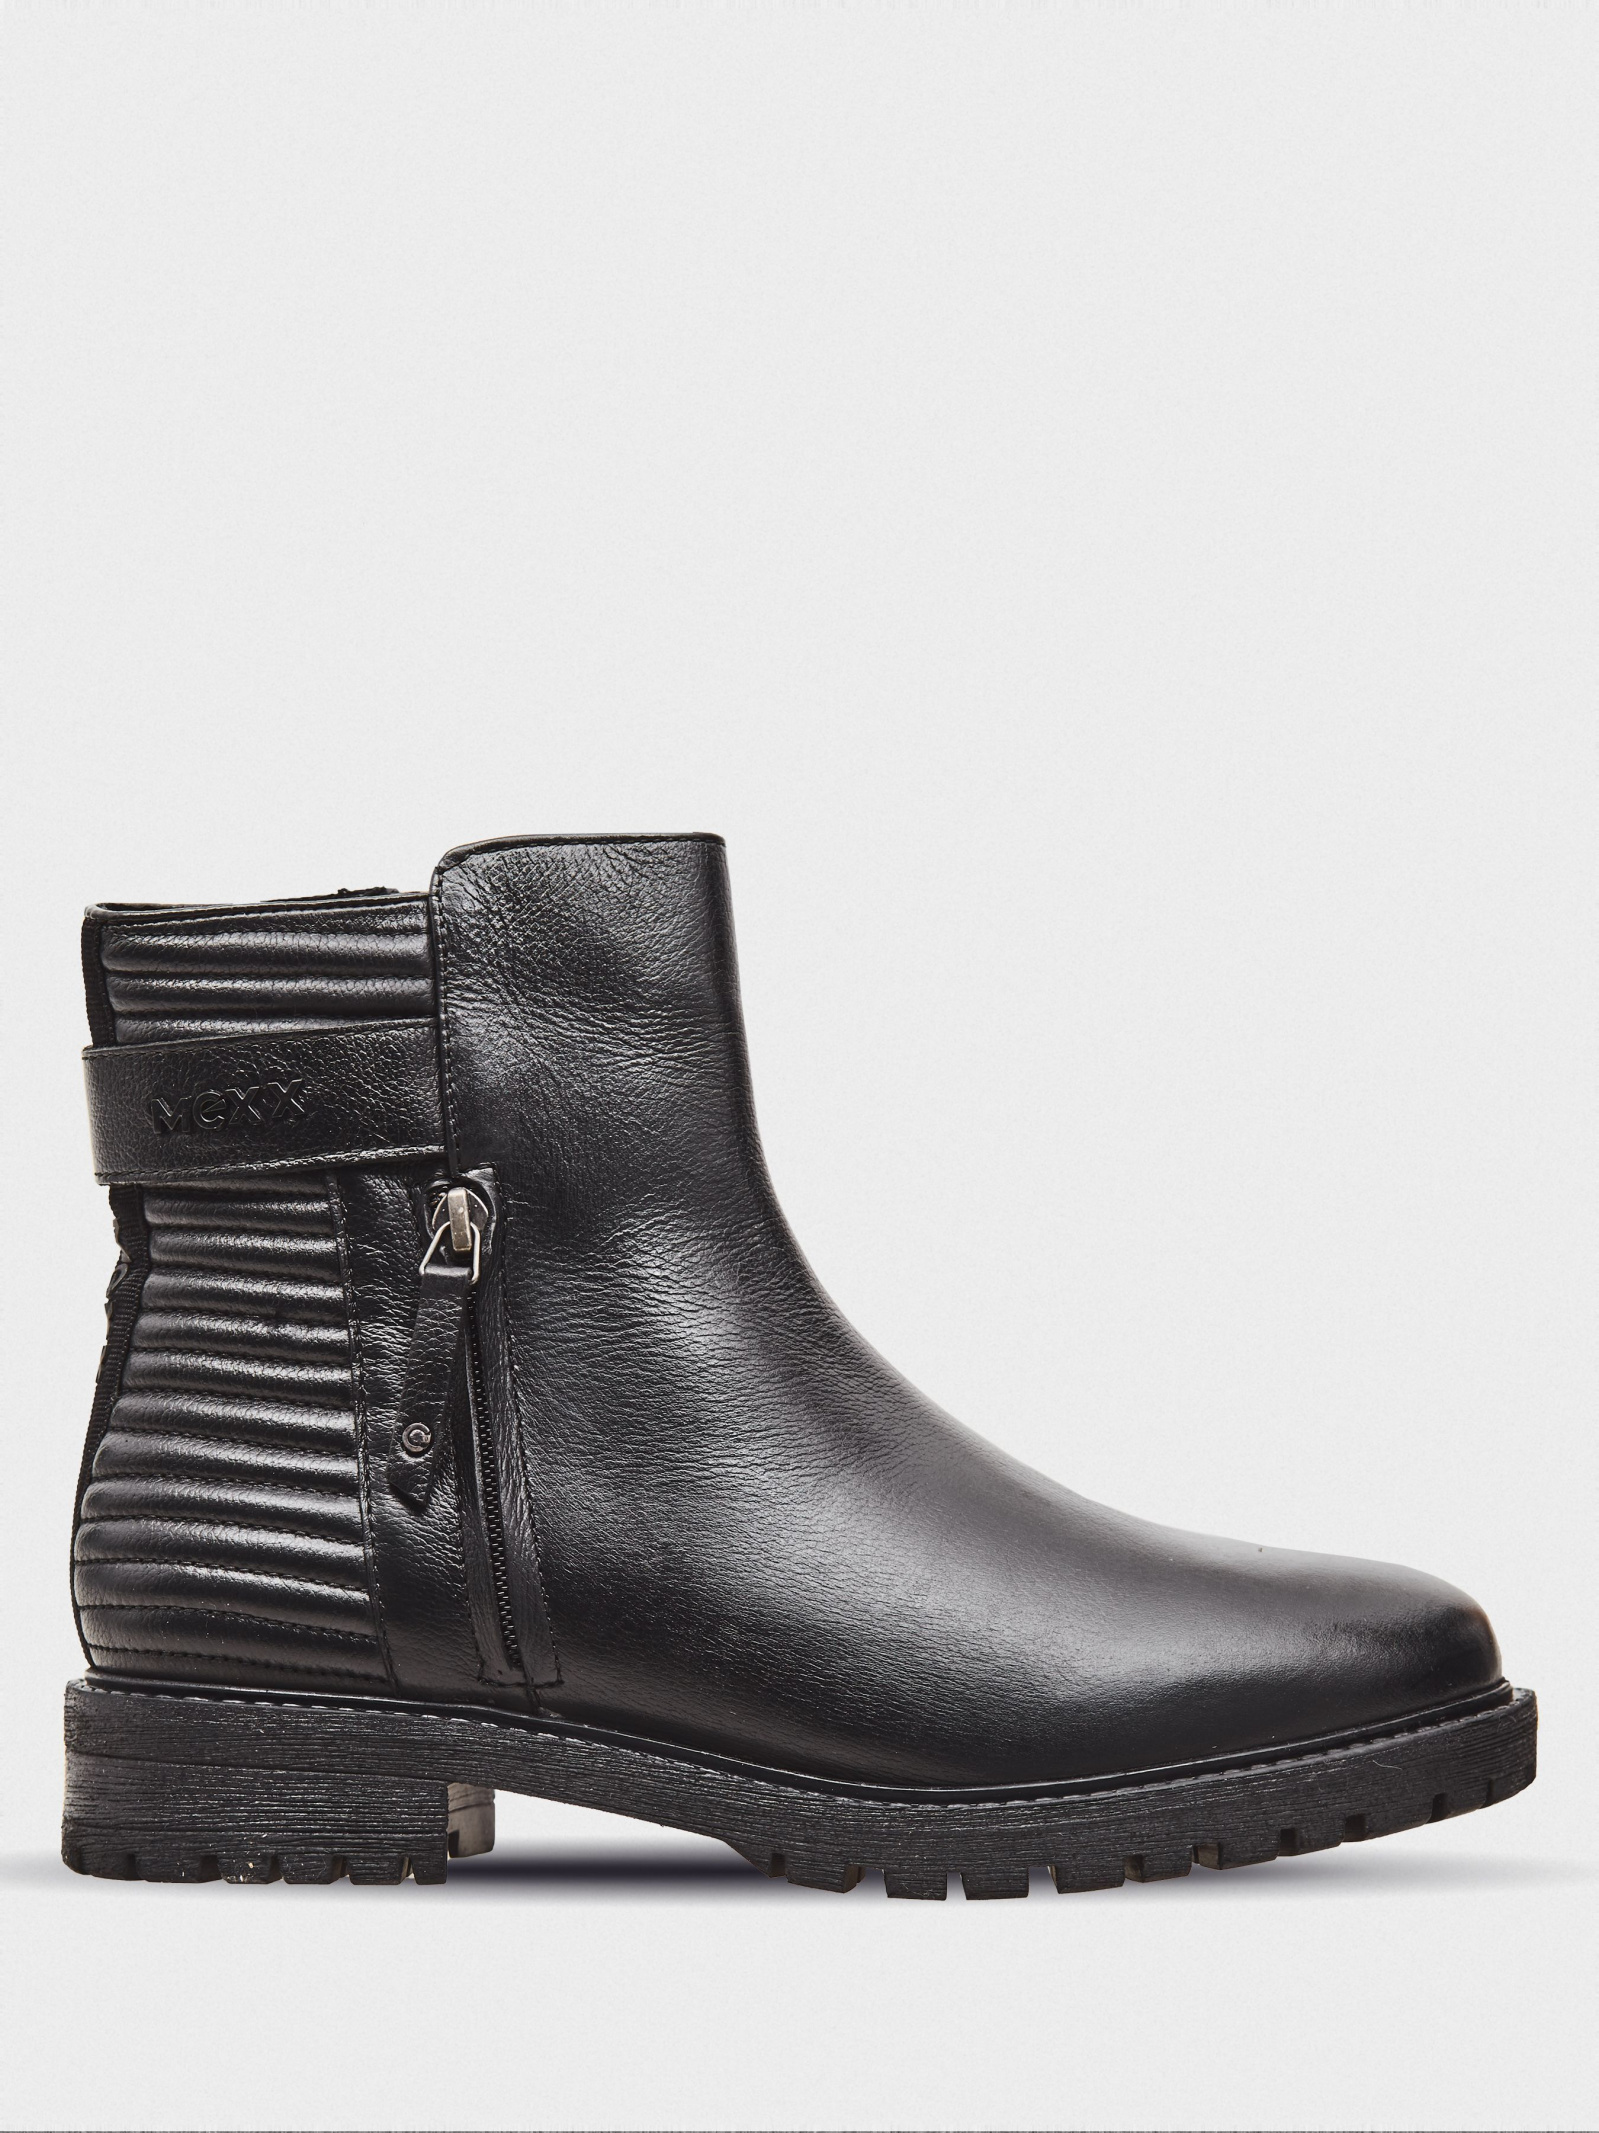 Ботинки для женщин MEXX 7L66 купить онлайн, 2017